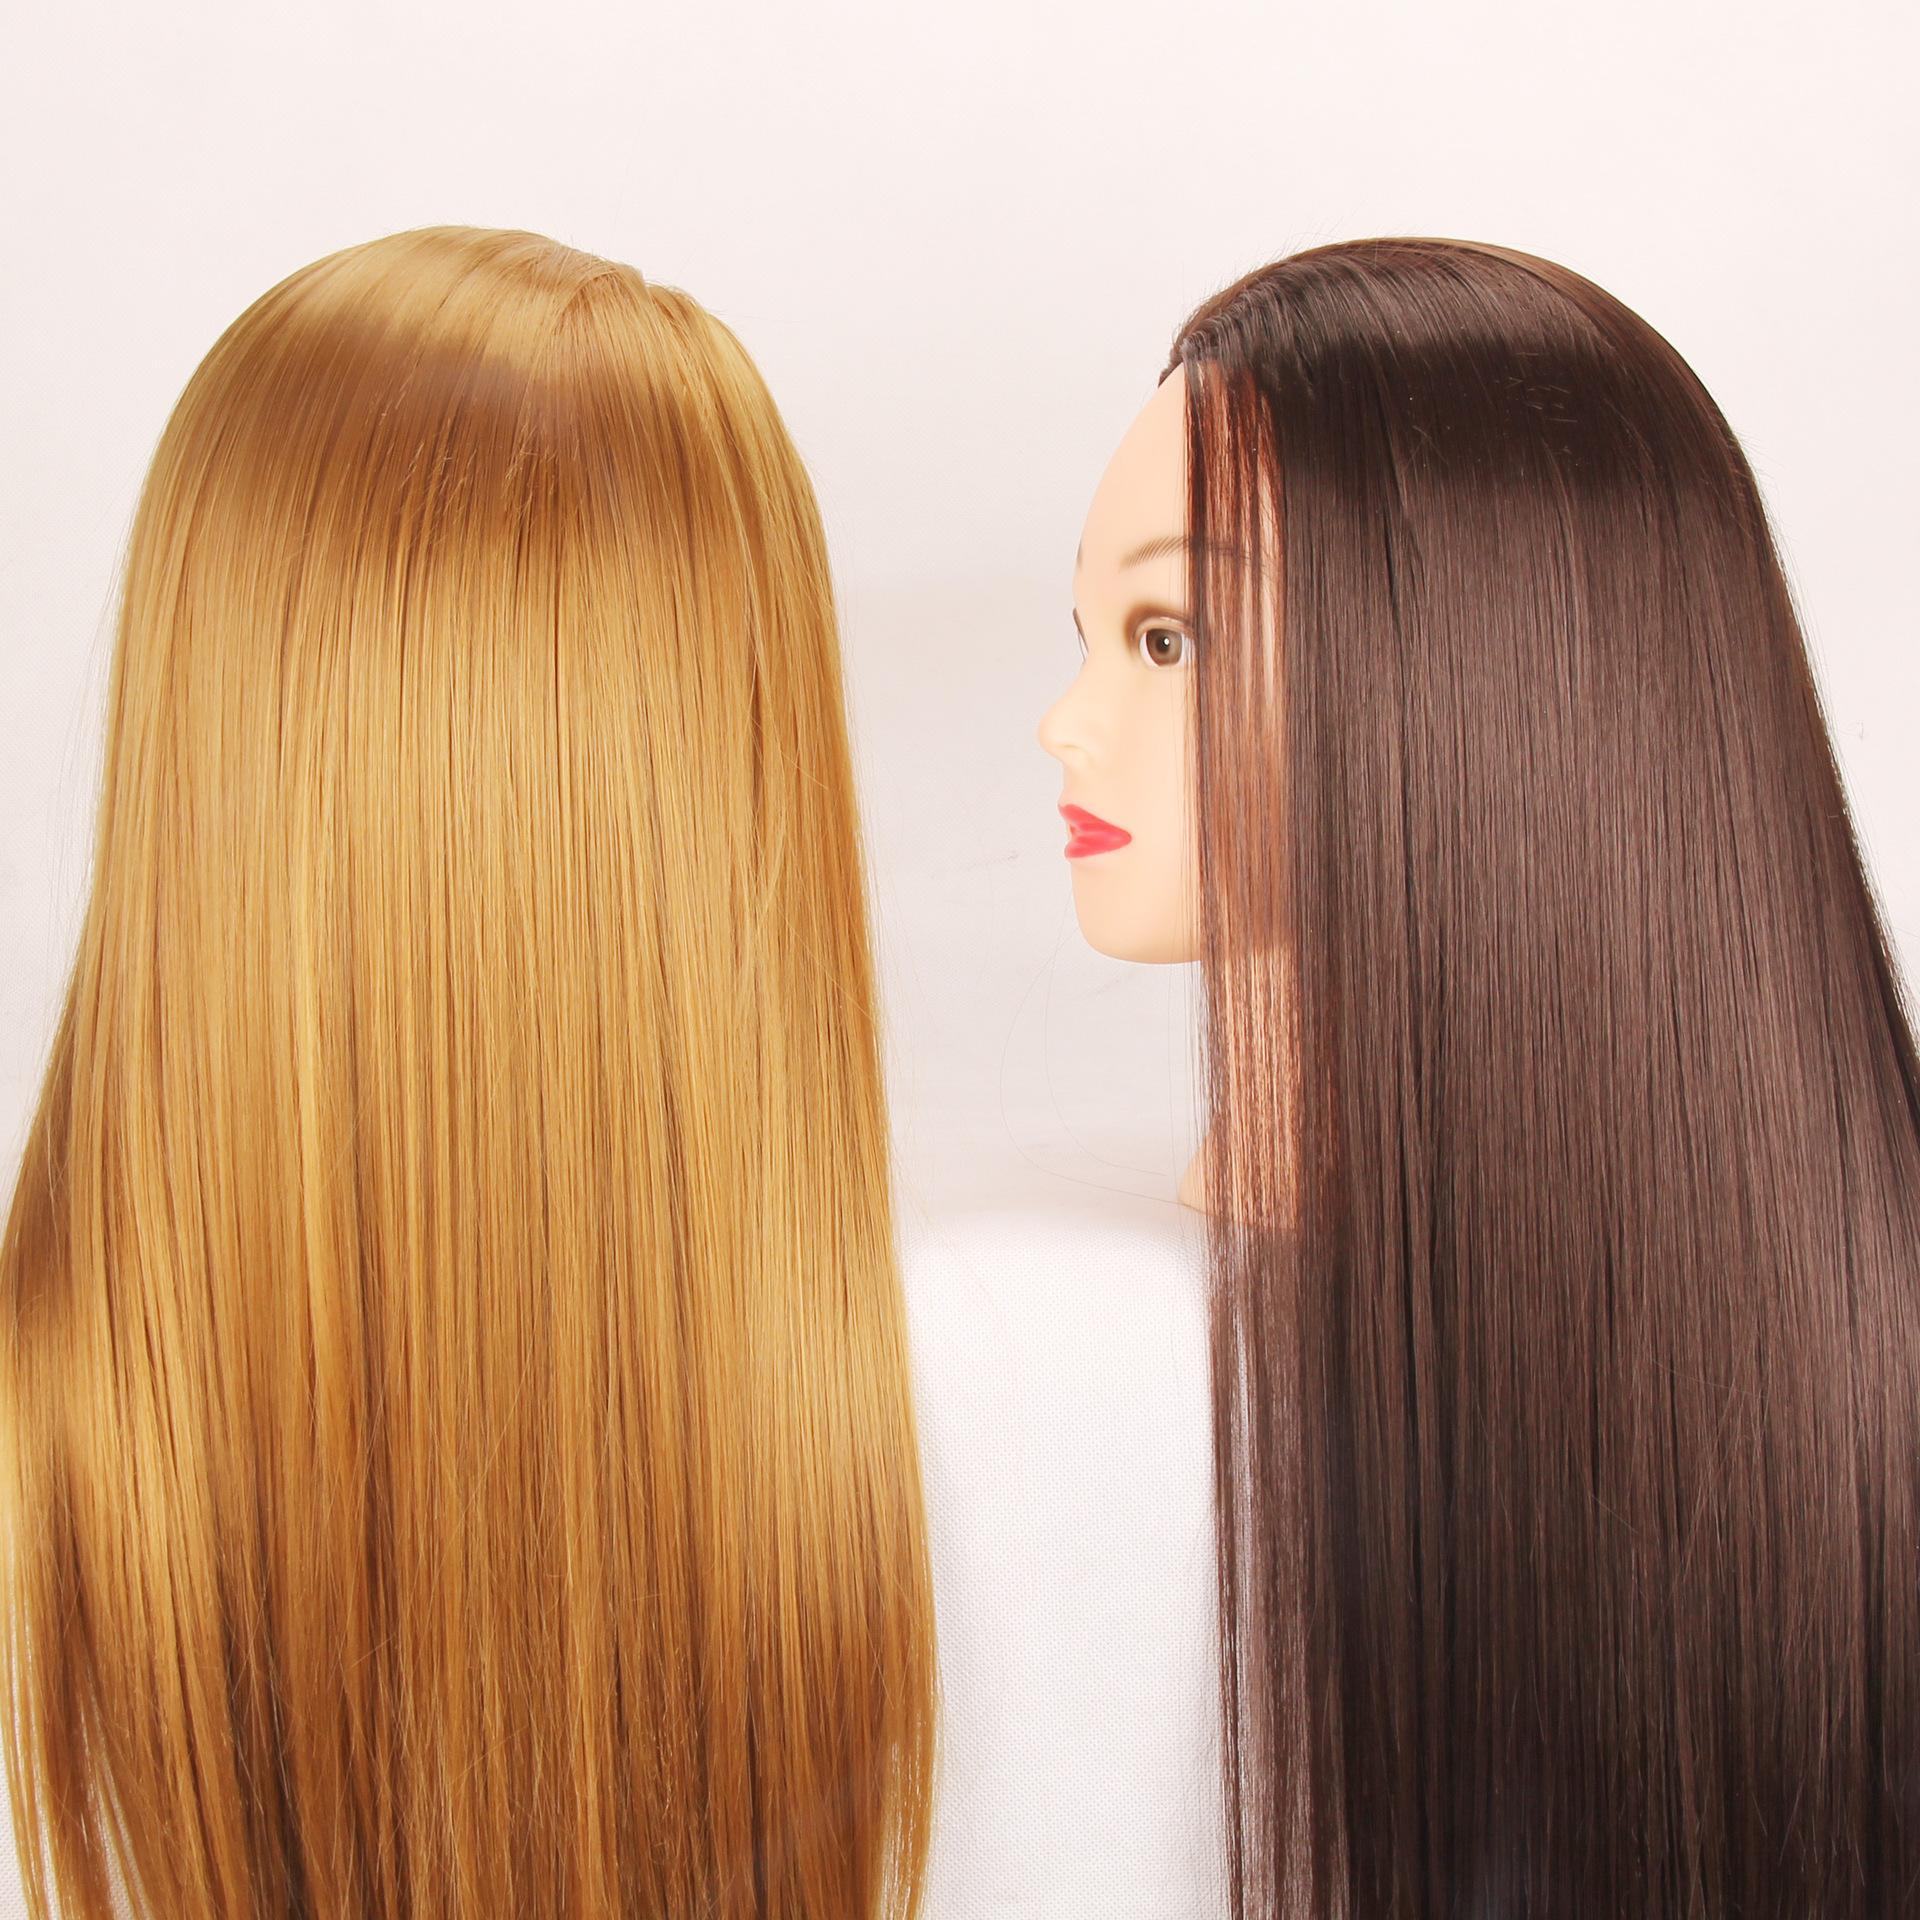 Nueva peluca de pelo Maniquíes Cabeza Modelo de Formación Práctica pelo pista placa Maquillaje de la muñeca maniquí Modelo caliente de la venta